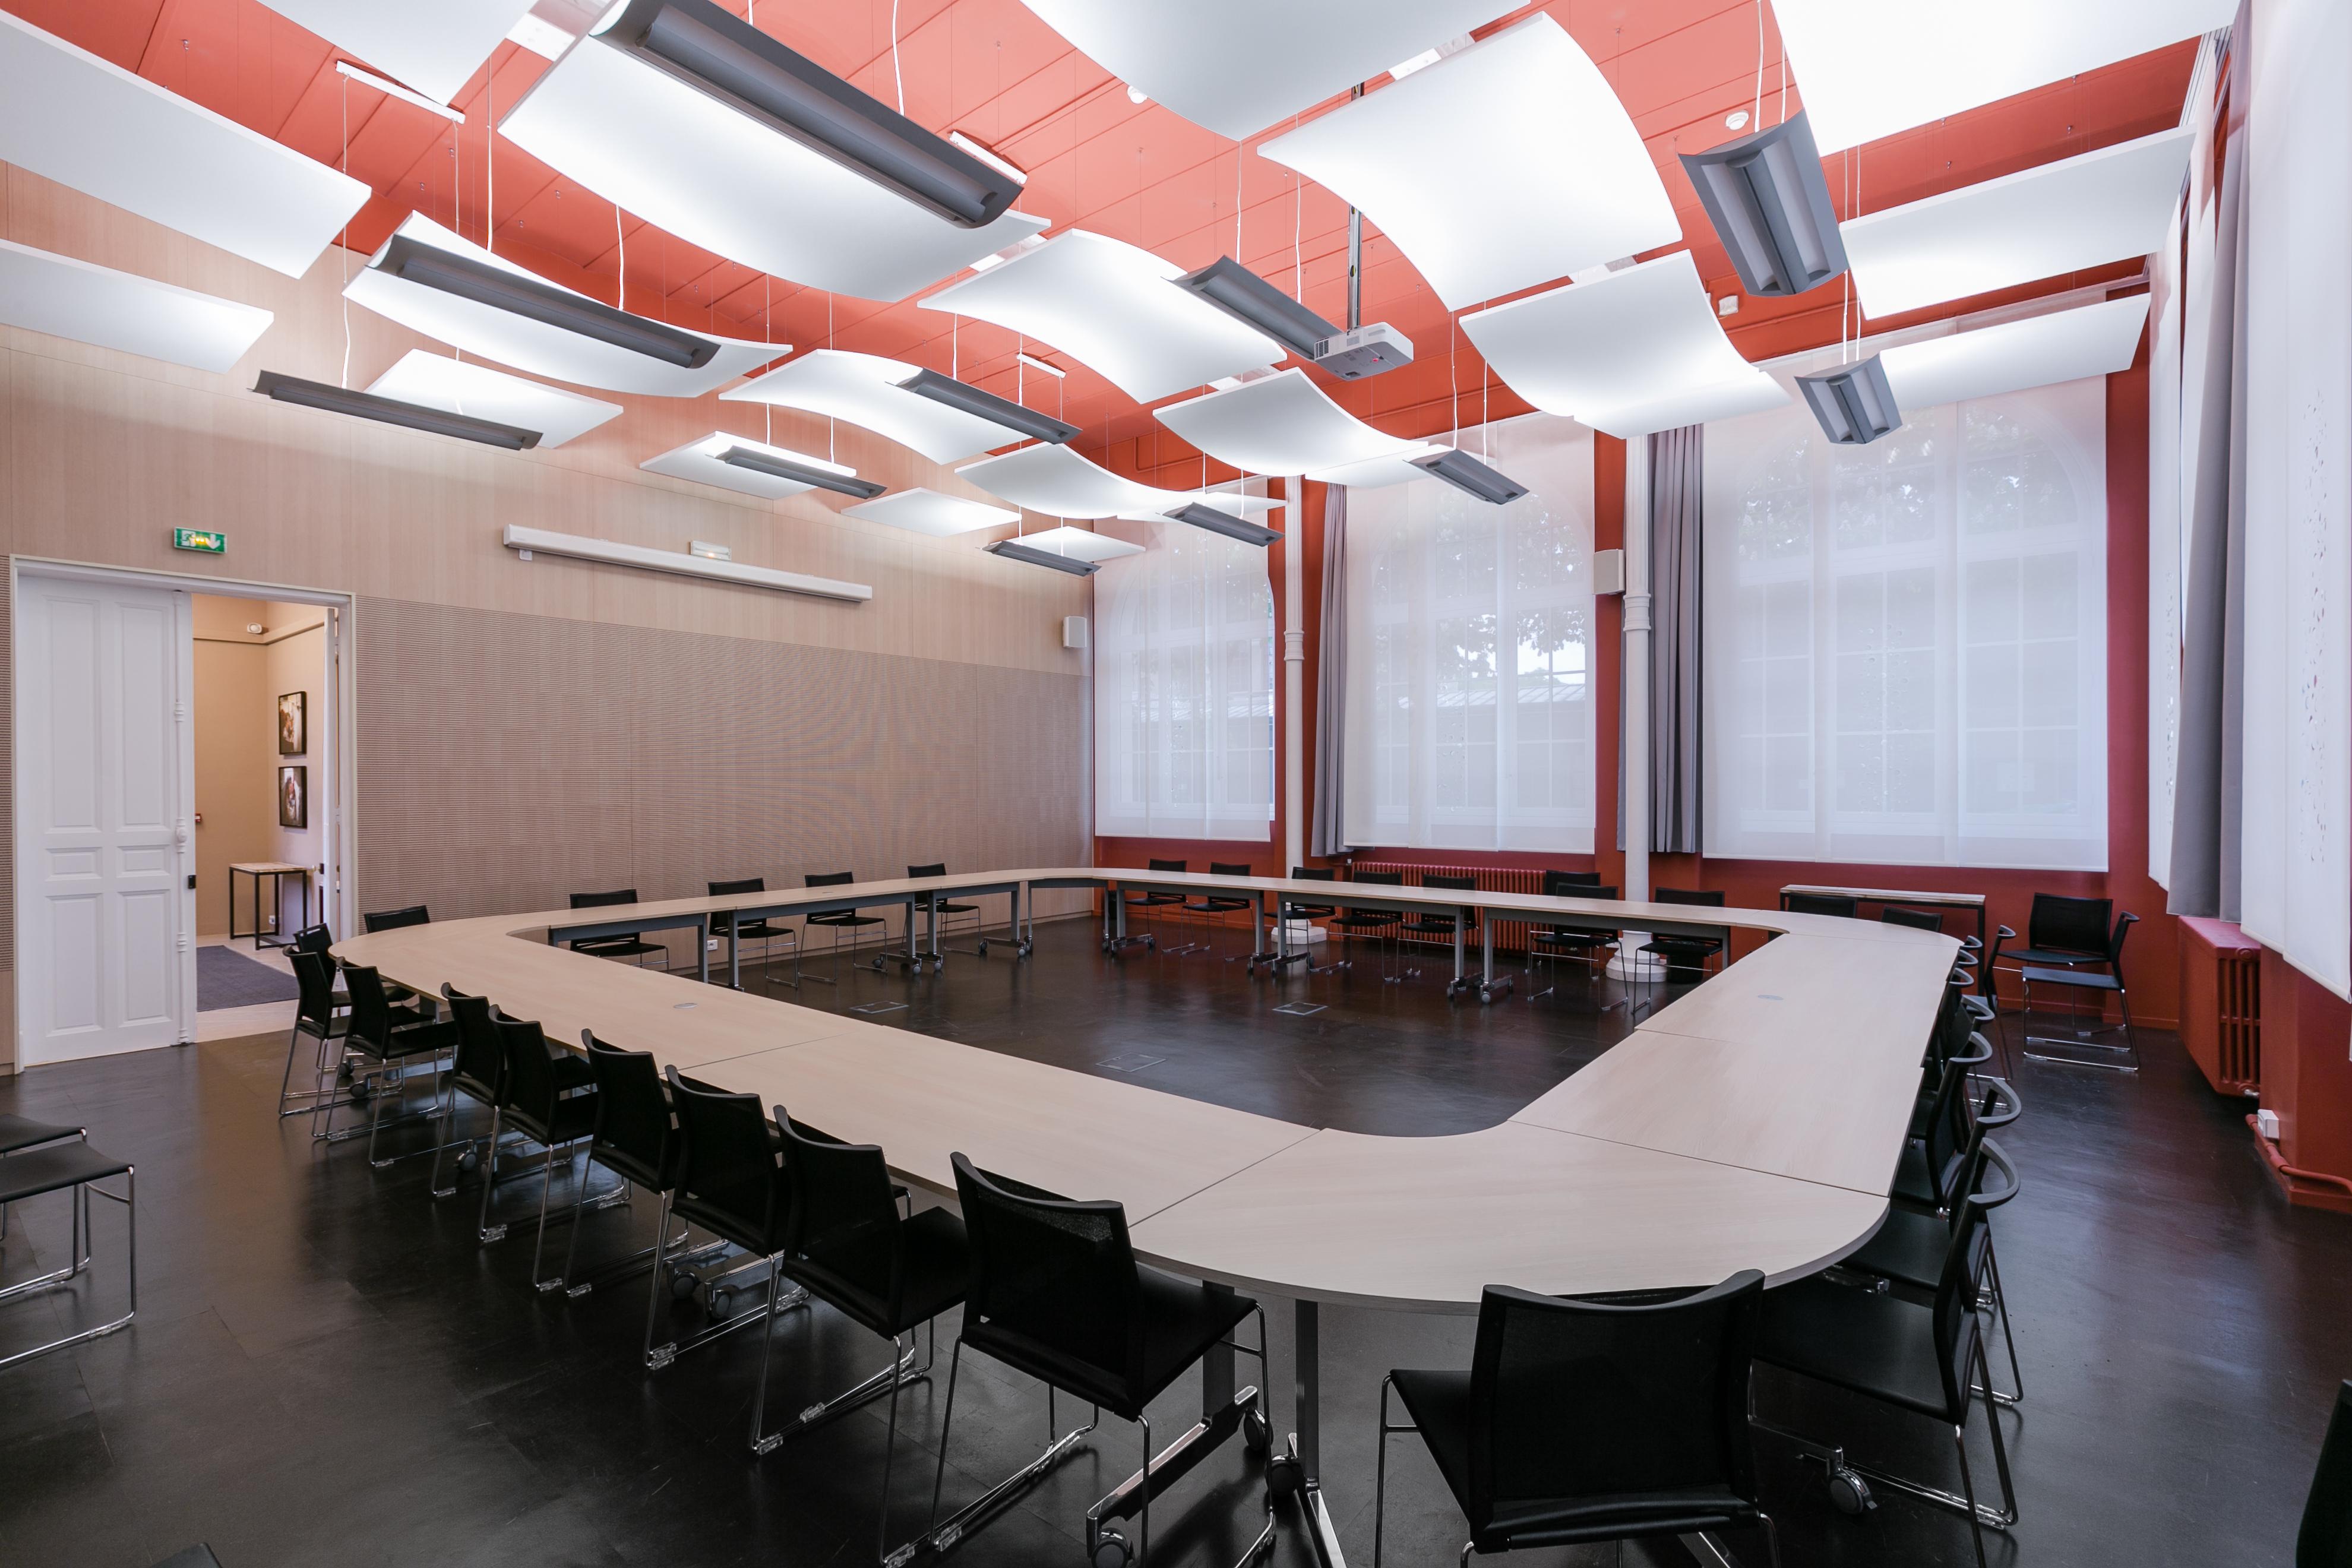 Fournisseurs mat riaux cloisons pl treries faux for Dtu faux plafond